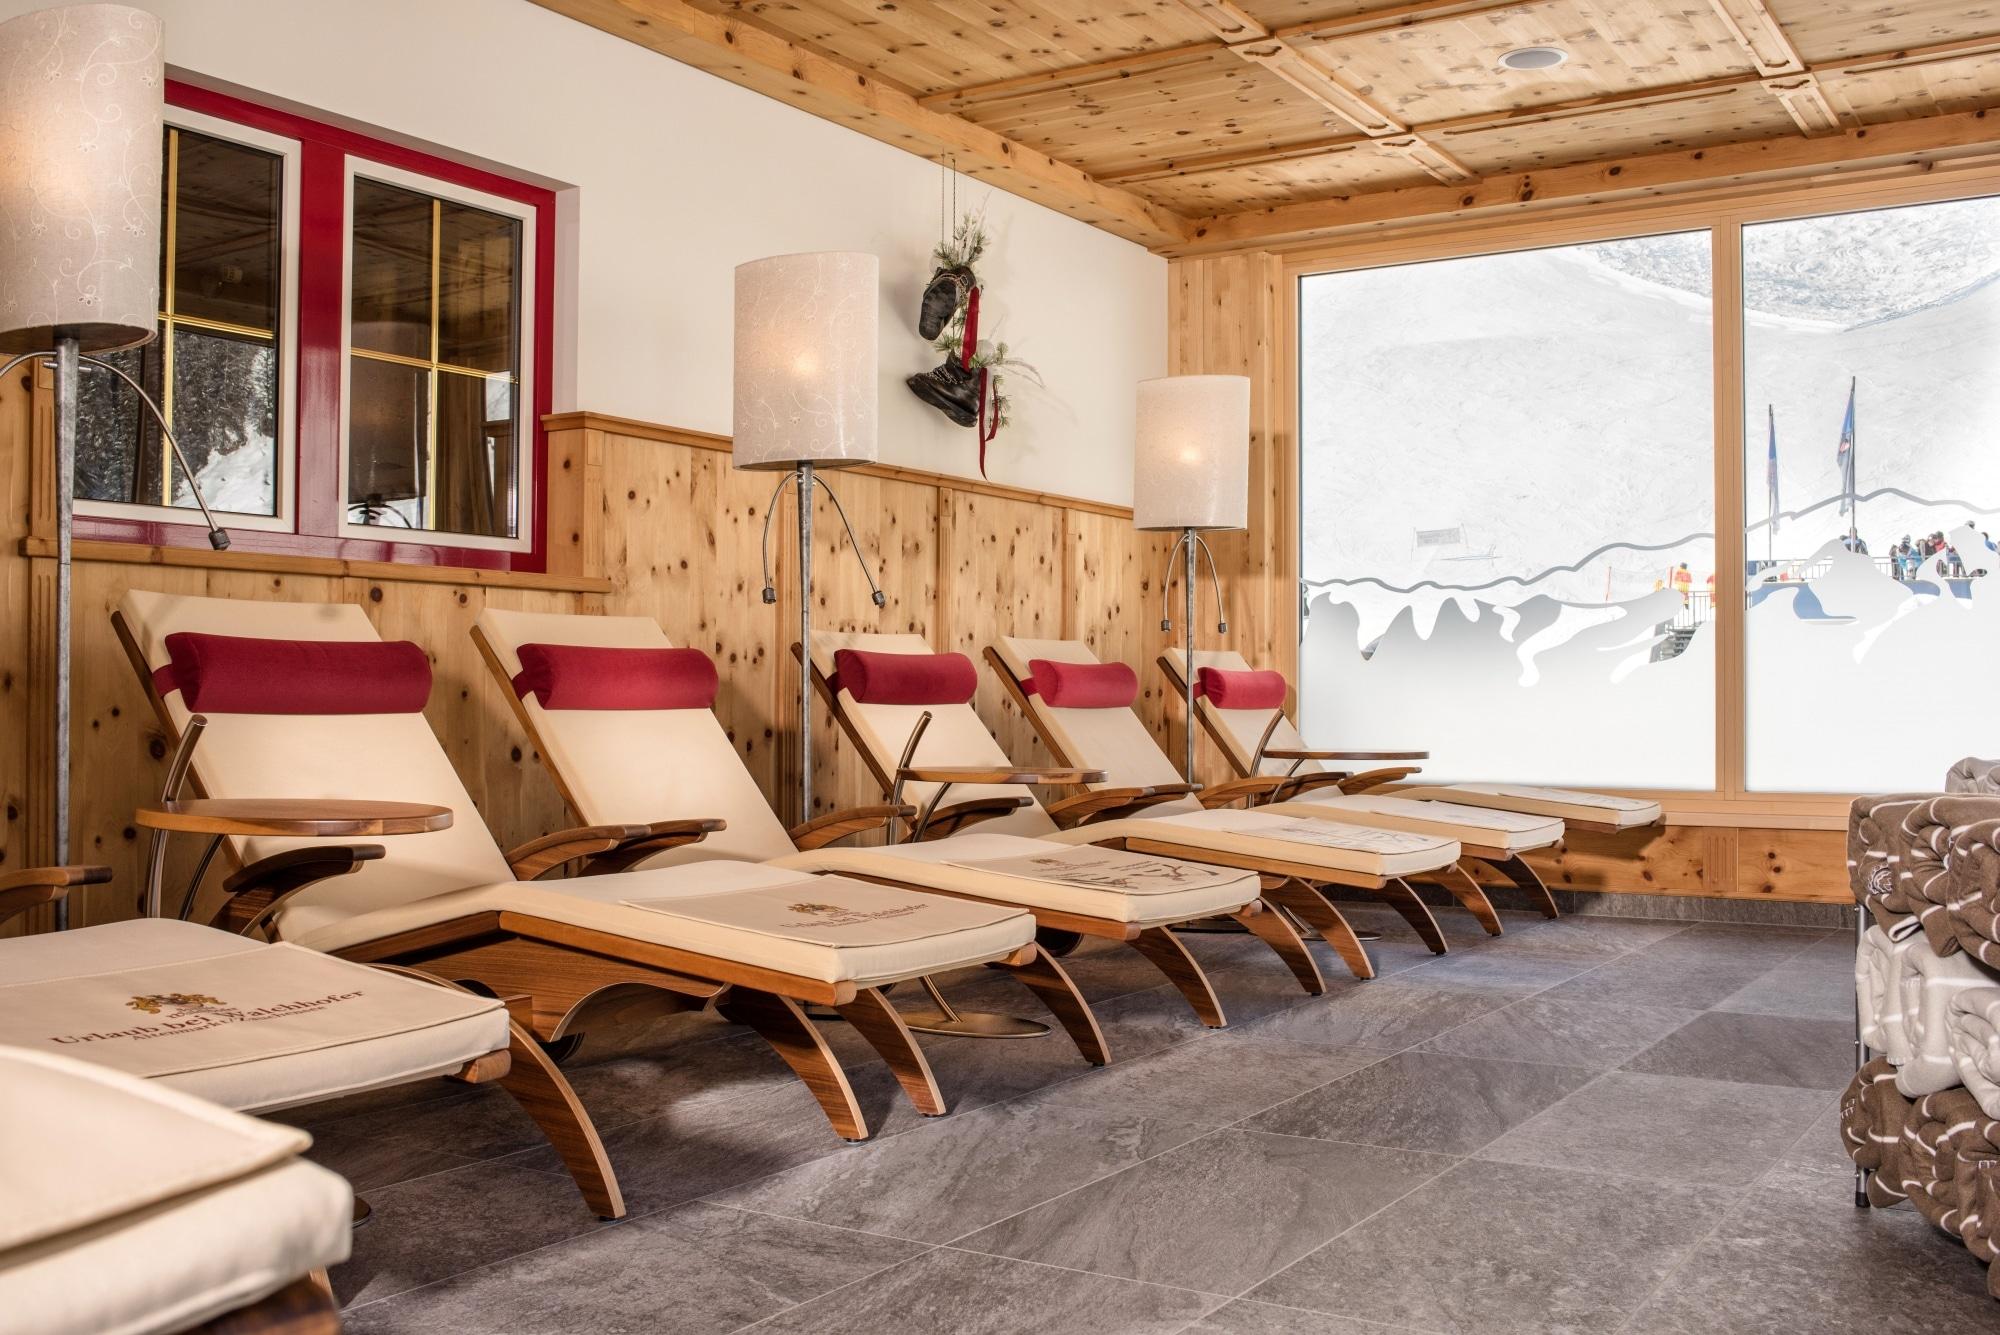 Ruheraum mit Liegen und Ausblick auf Piste im Hotel Zauchenseehof